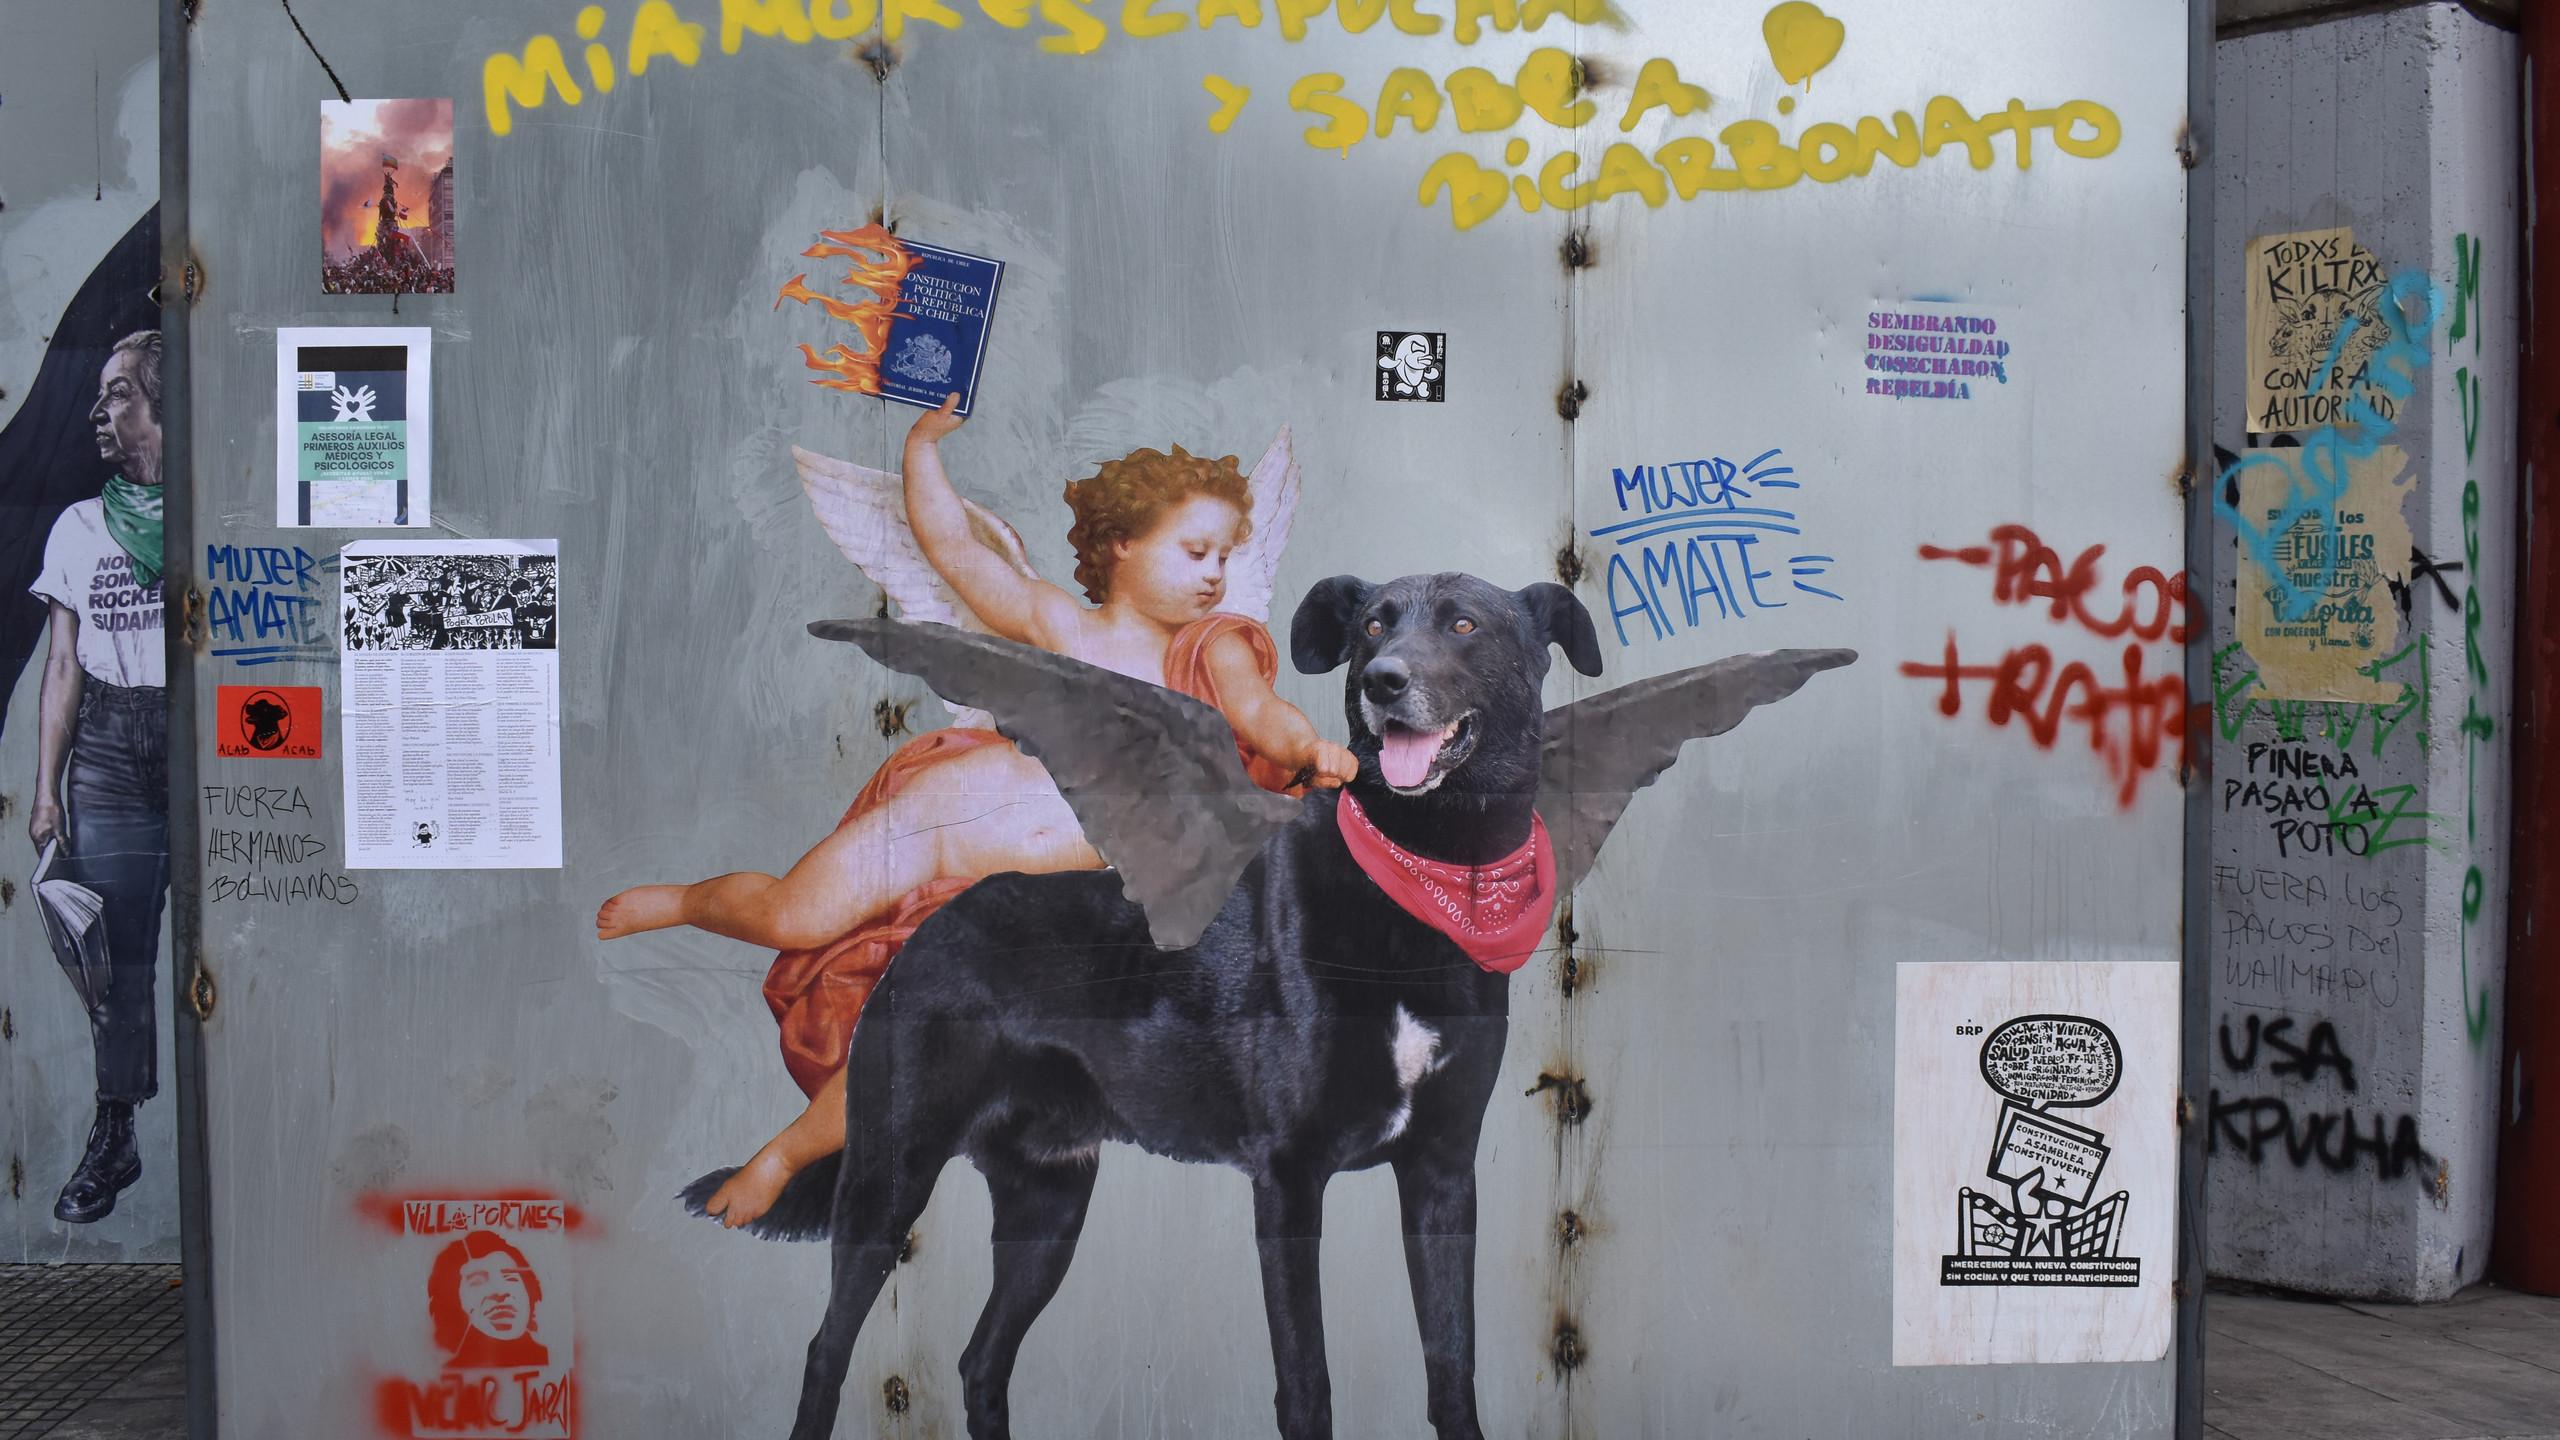 Cane simbolo delle proteste e Costituzione in fiamme